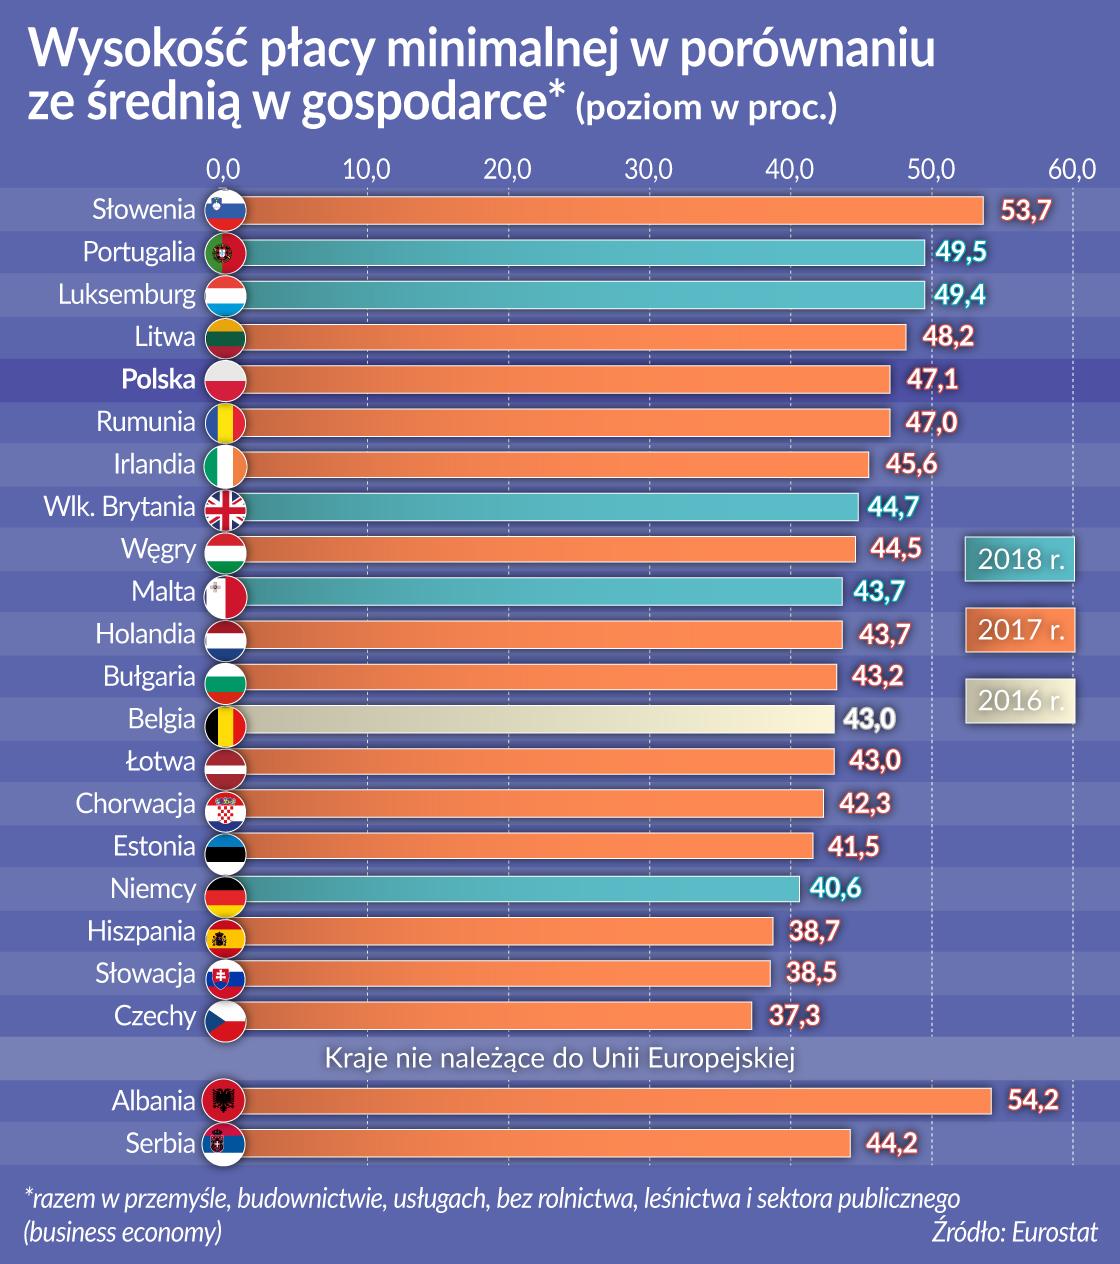 Wysokość płacy min. w porównaniu ze śr. w gospodarce